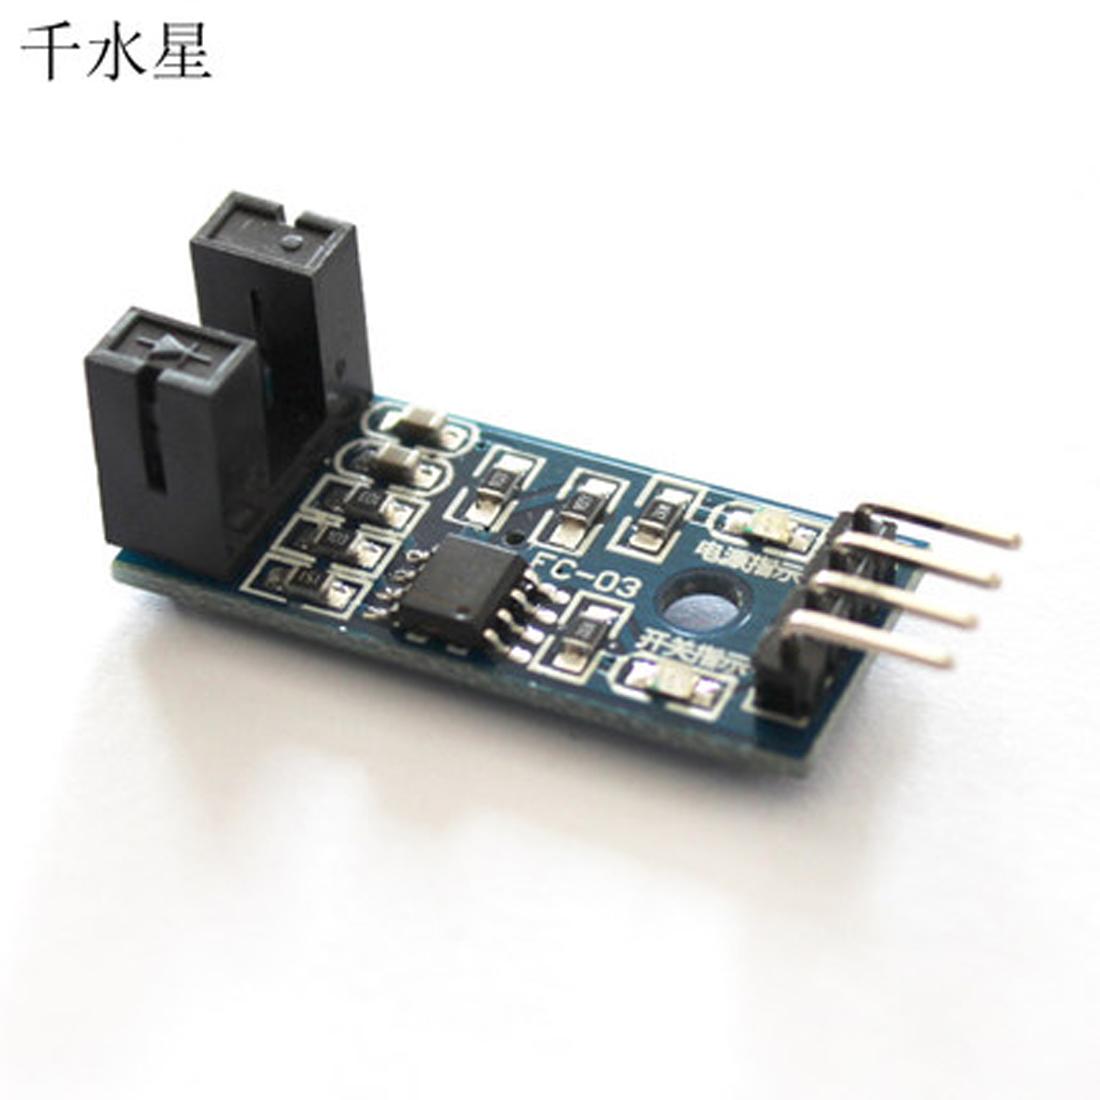 测速传感器模块 脉冲 计数器模块 电机马达测试模块 槽型光耦模块